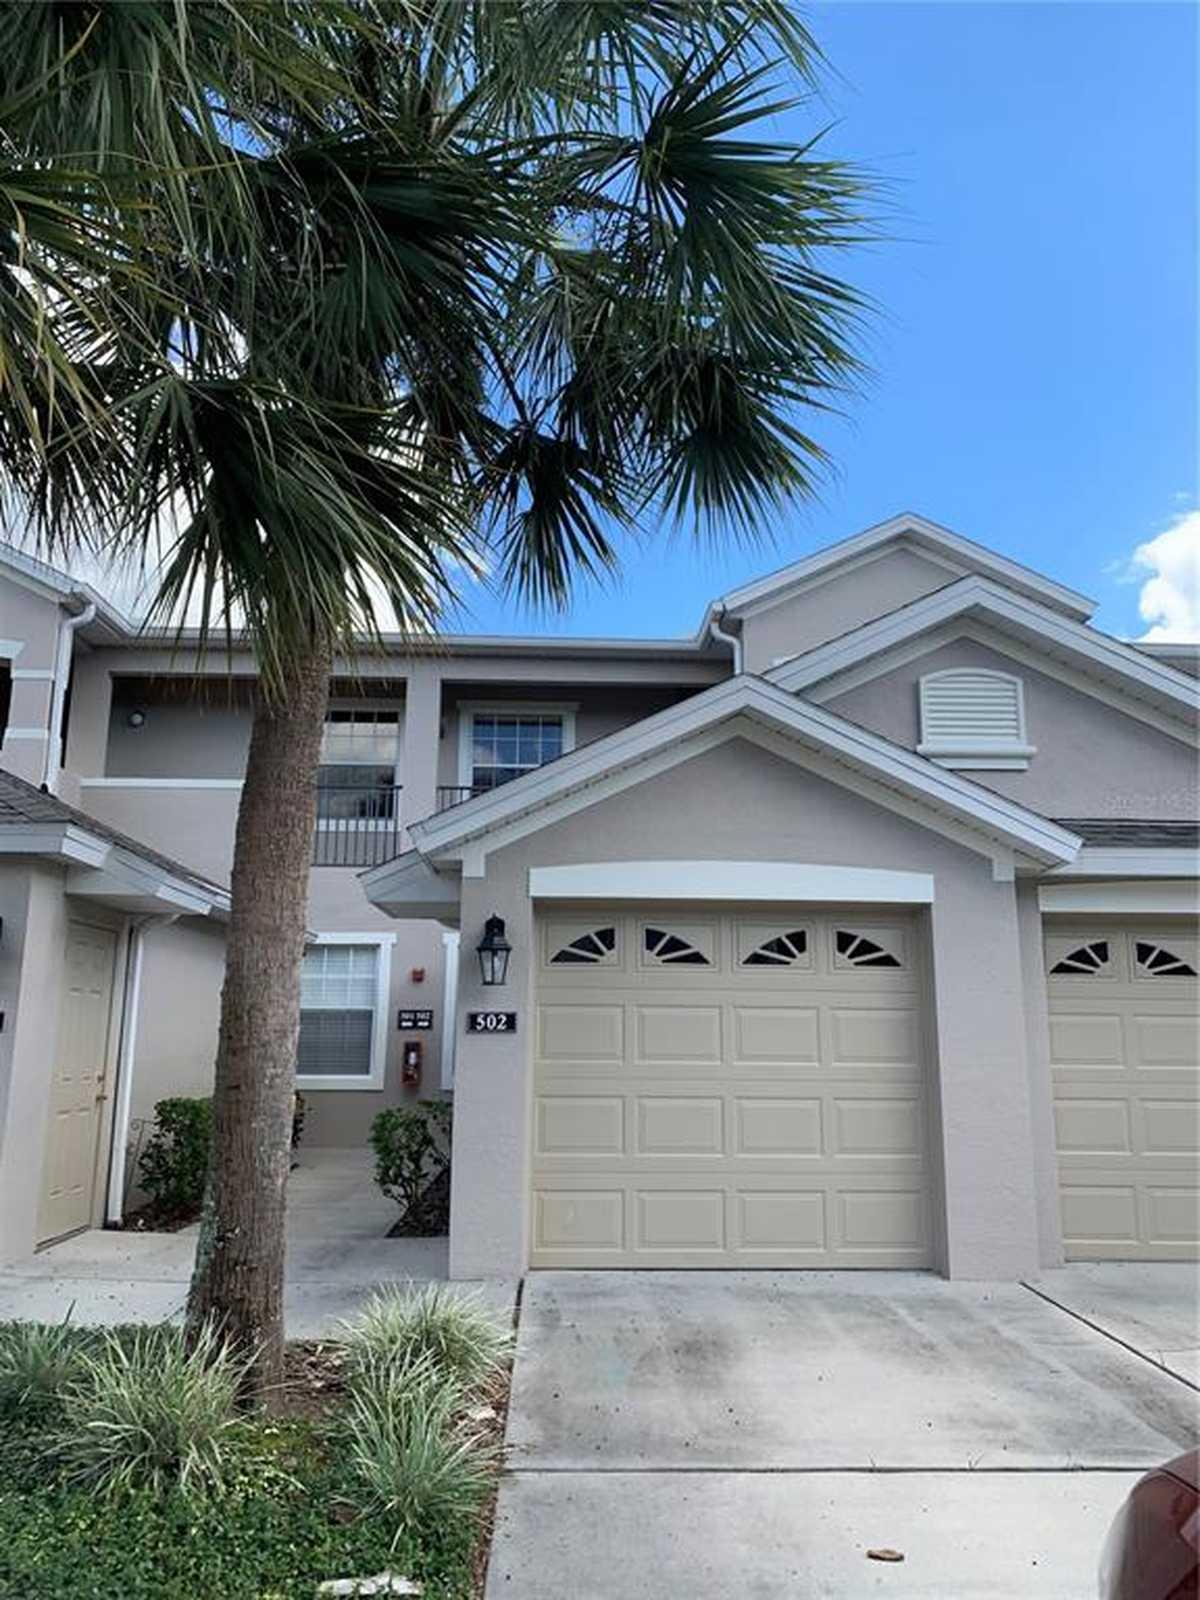 $239,900 - 2Br/2Ba -  for Sale in Veranda I/lk Hart, Orlando